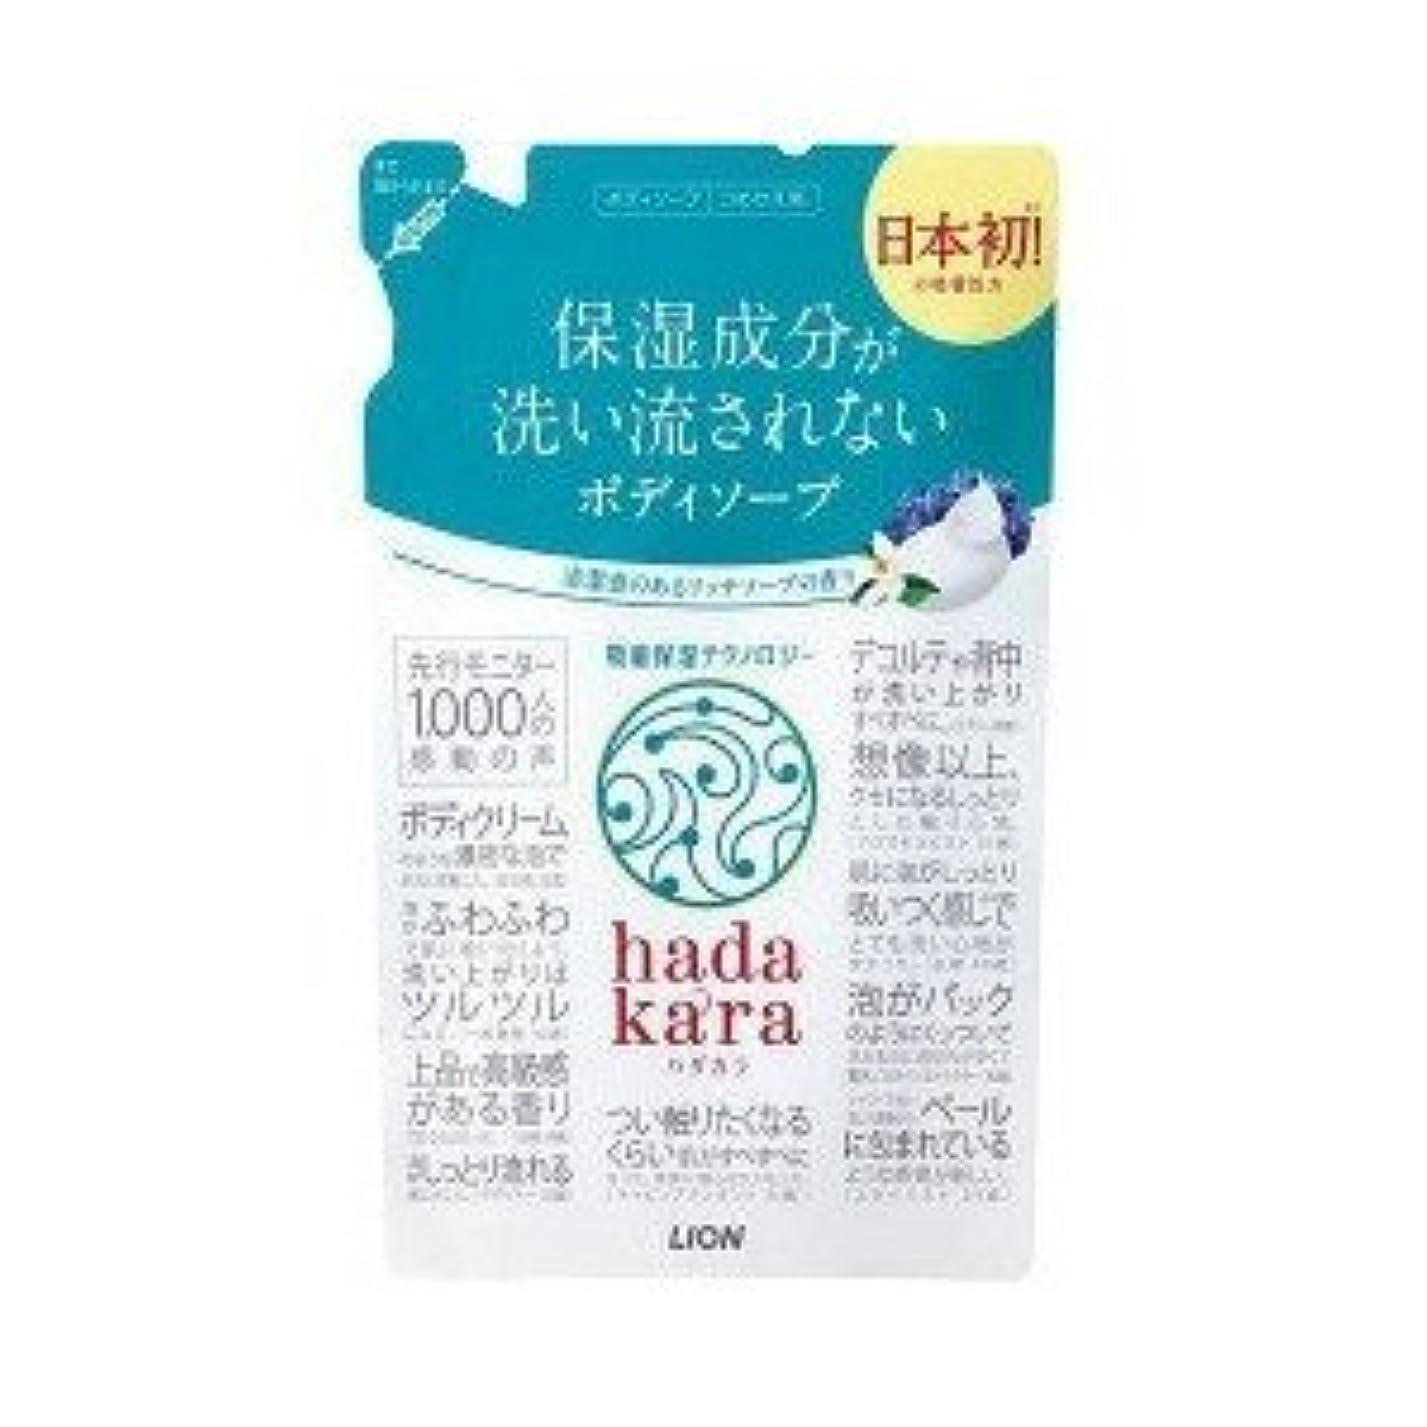 かけるストレージ細胞(2016年秋の新商品)(ライオン)hadakara(ハダカラ) ボディソープ リッチソープの香り つめかえ用 360ml(お買い得3個セット)